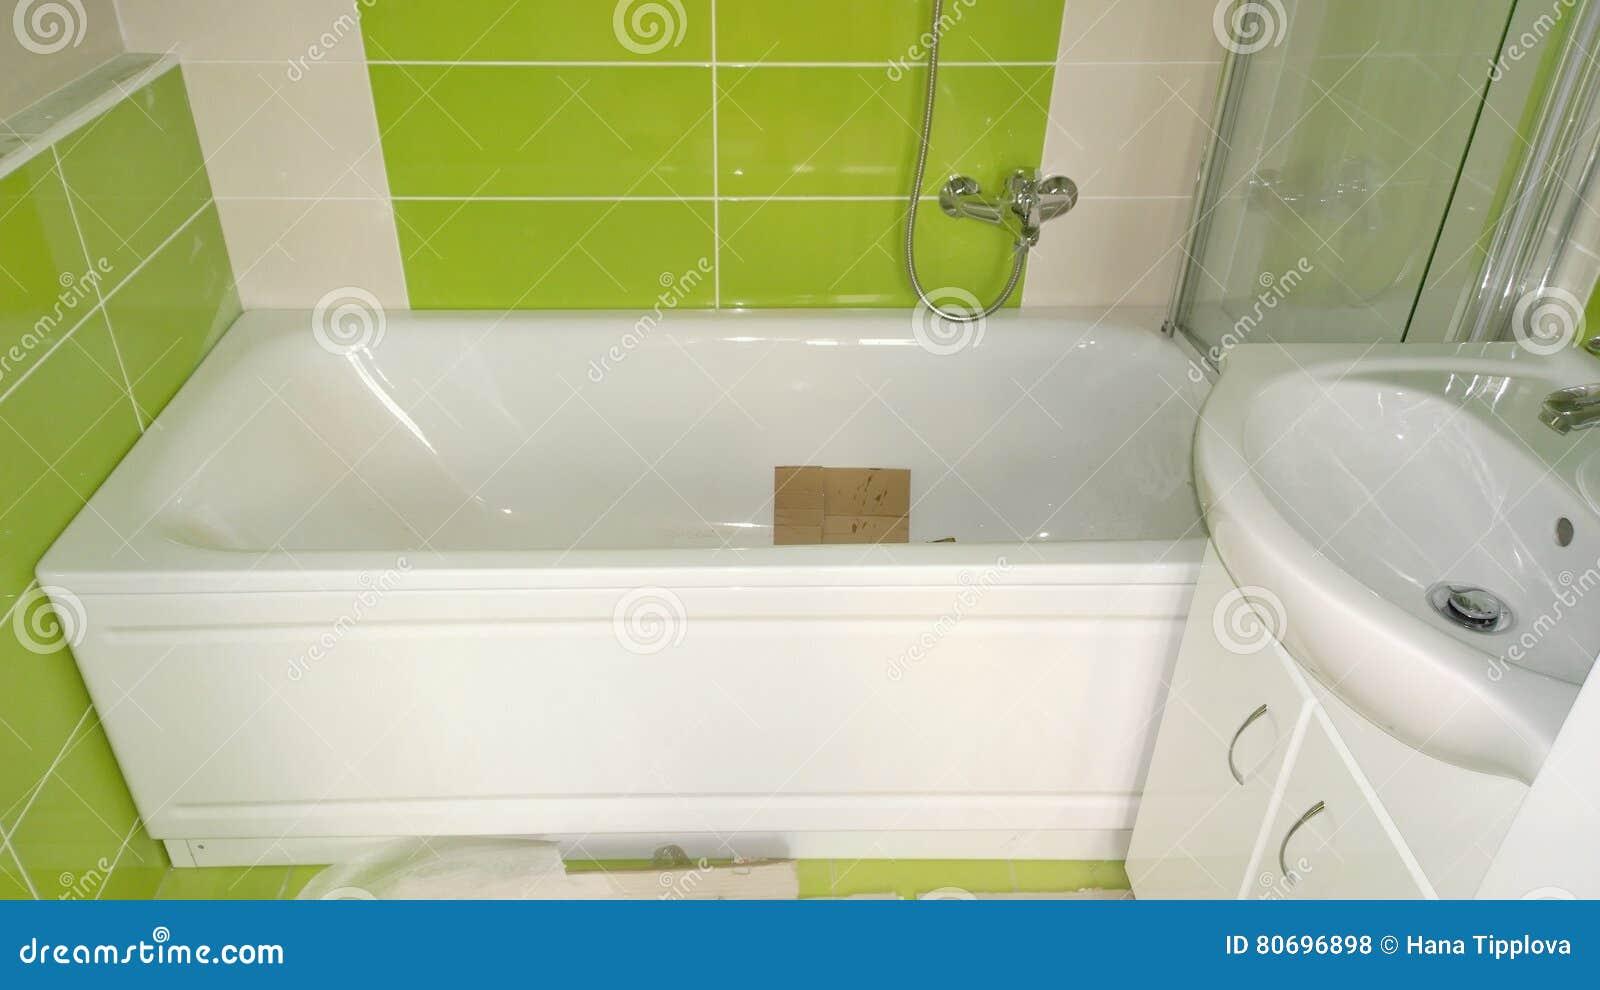 Bauarbeit In Der Wohnung, Installation Badezimmer Stockfoto - Bild ...